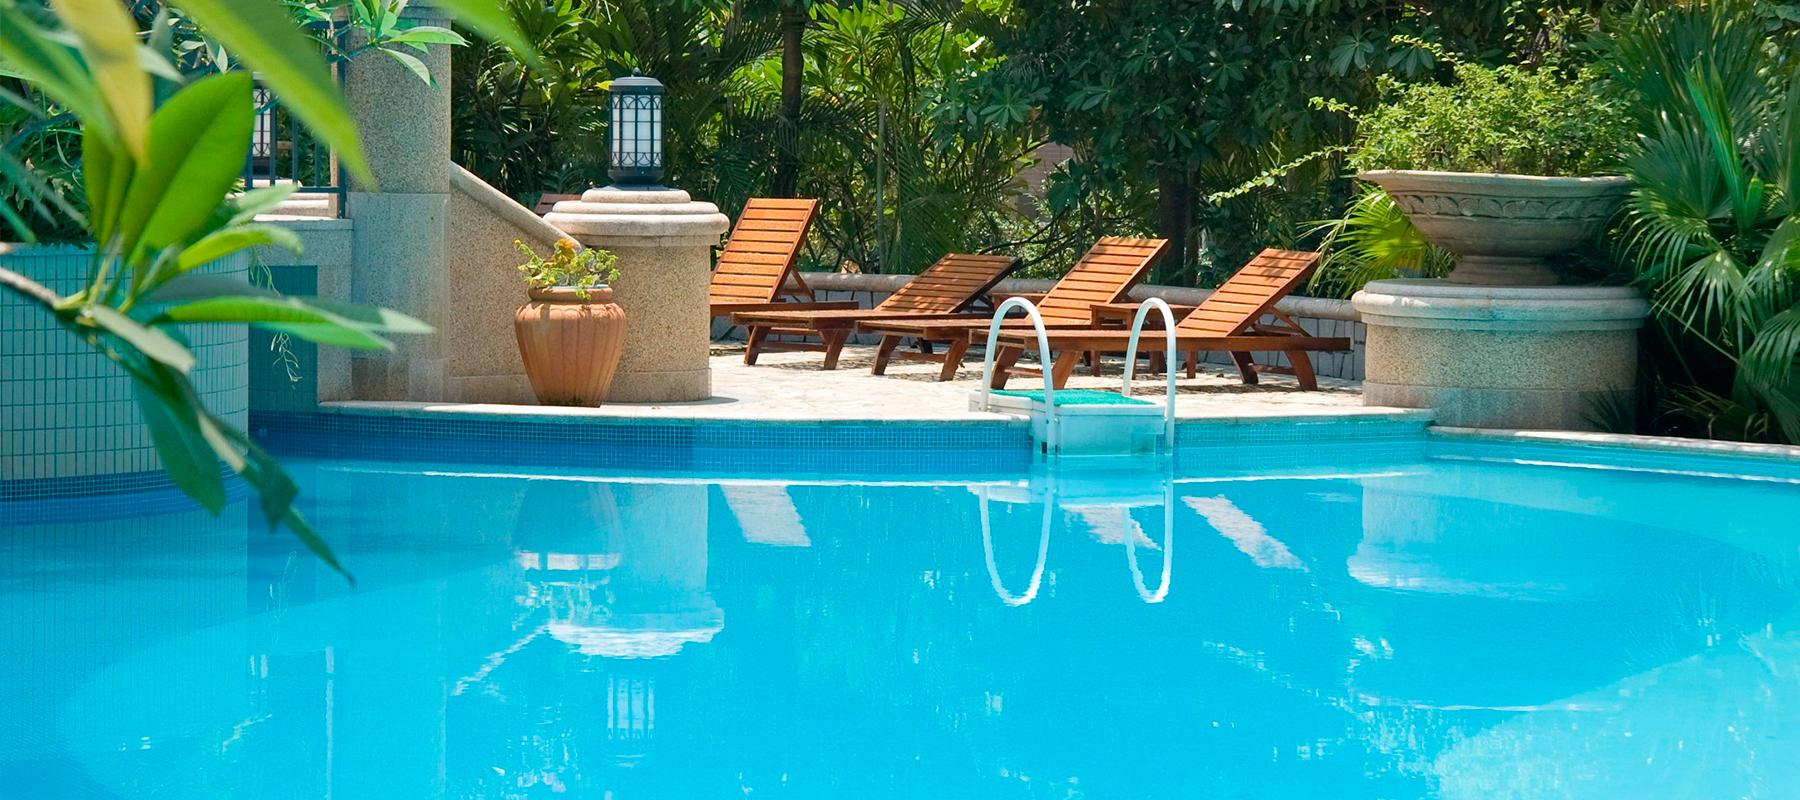 Mantenimiento de piscinas granagua empresa dedicada al for Mantenimiento de la piscina